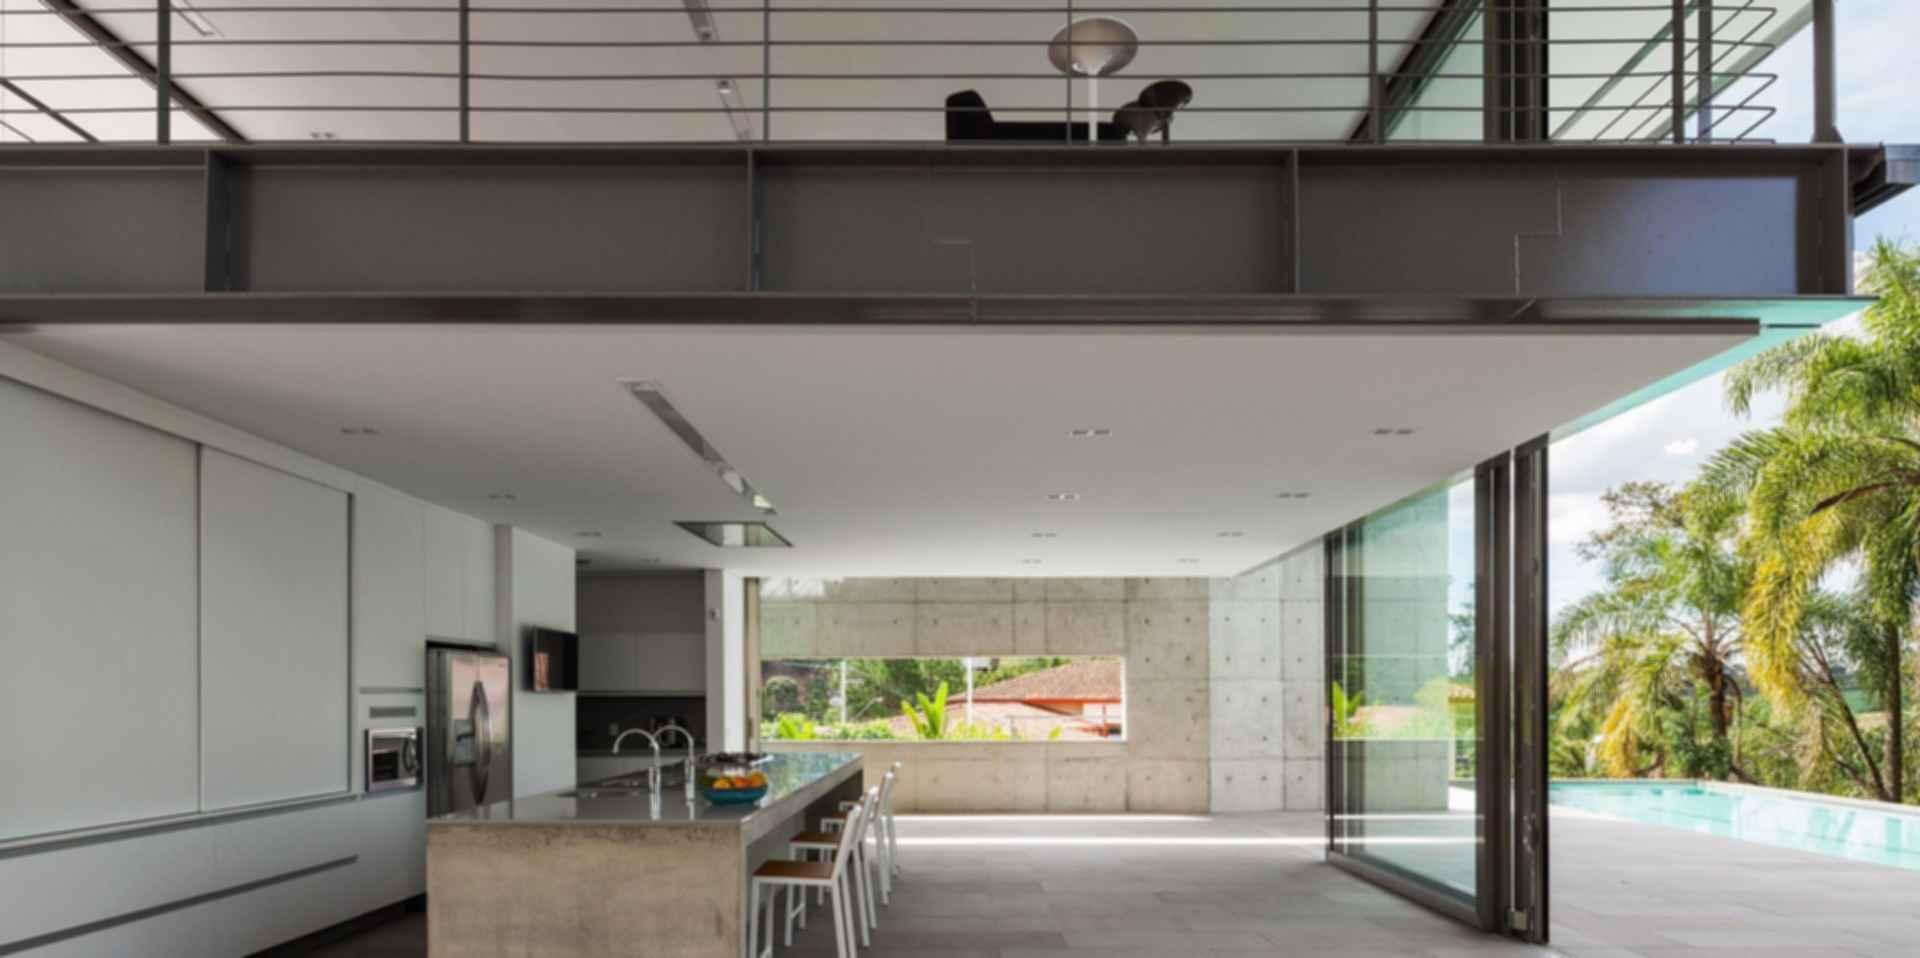 LLM House - Interior/Kitchen